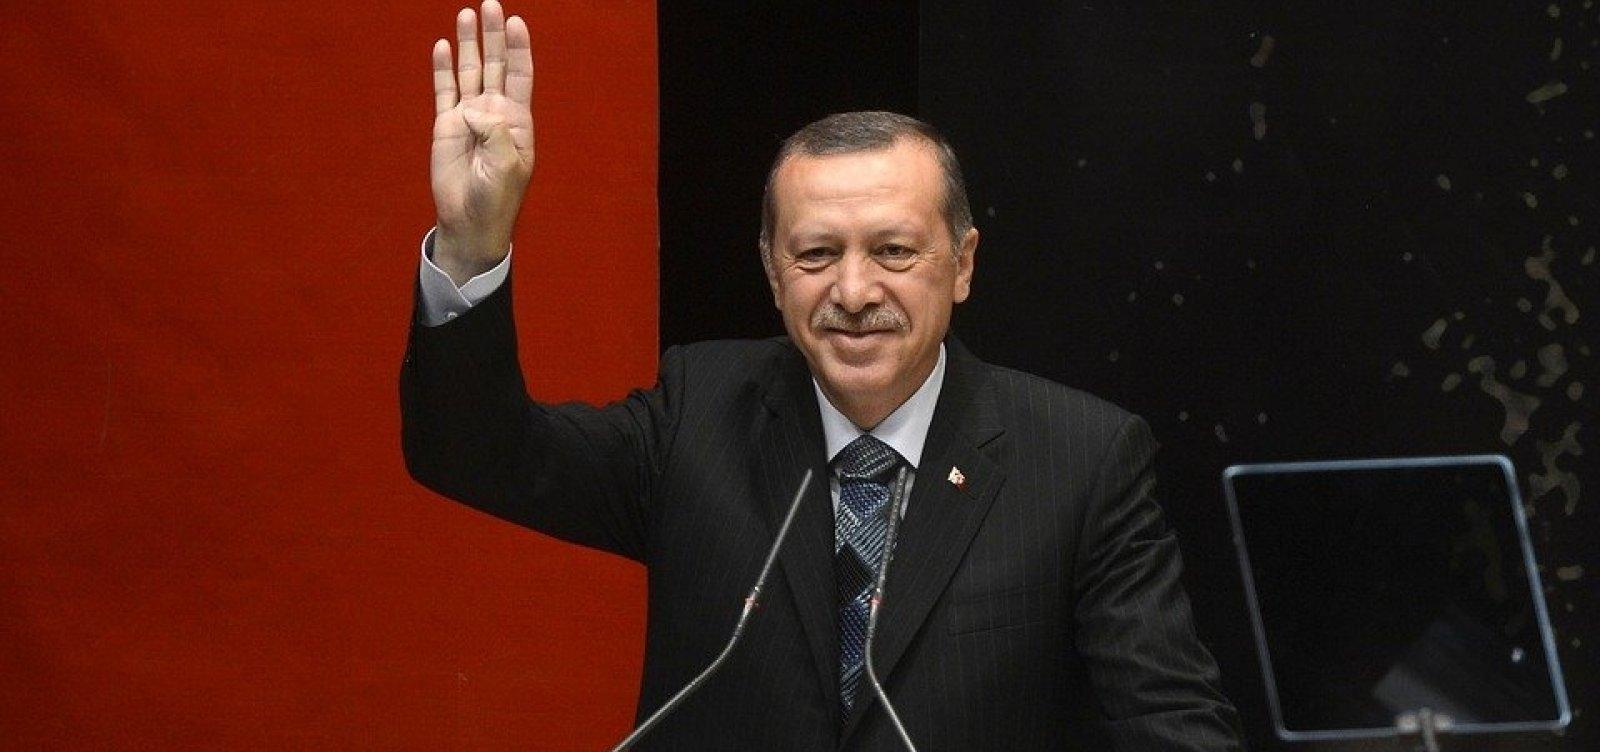 Corte anula eleição em Istambul após derrota do partido do presidente